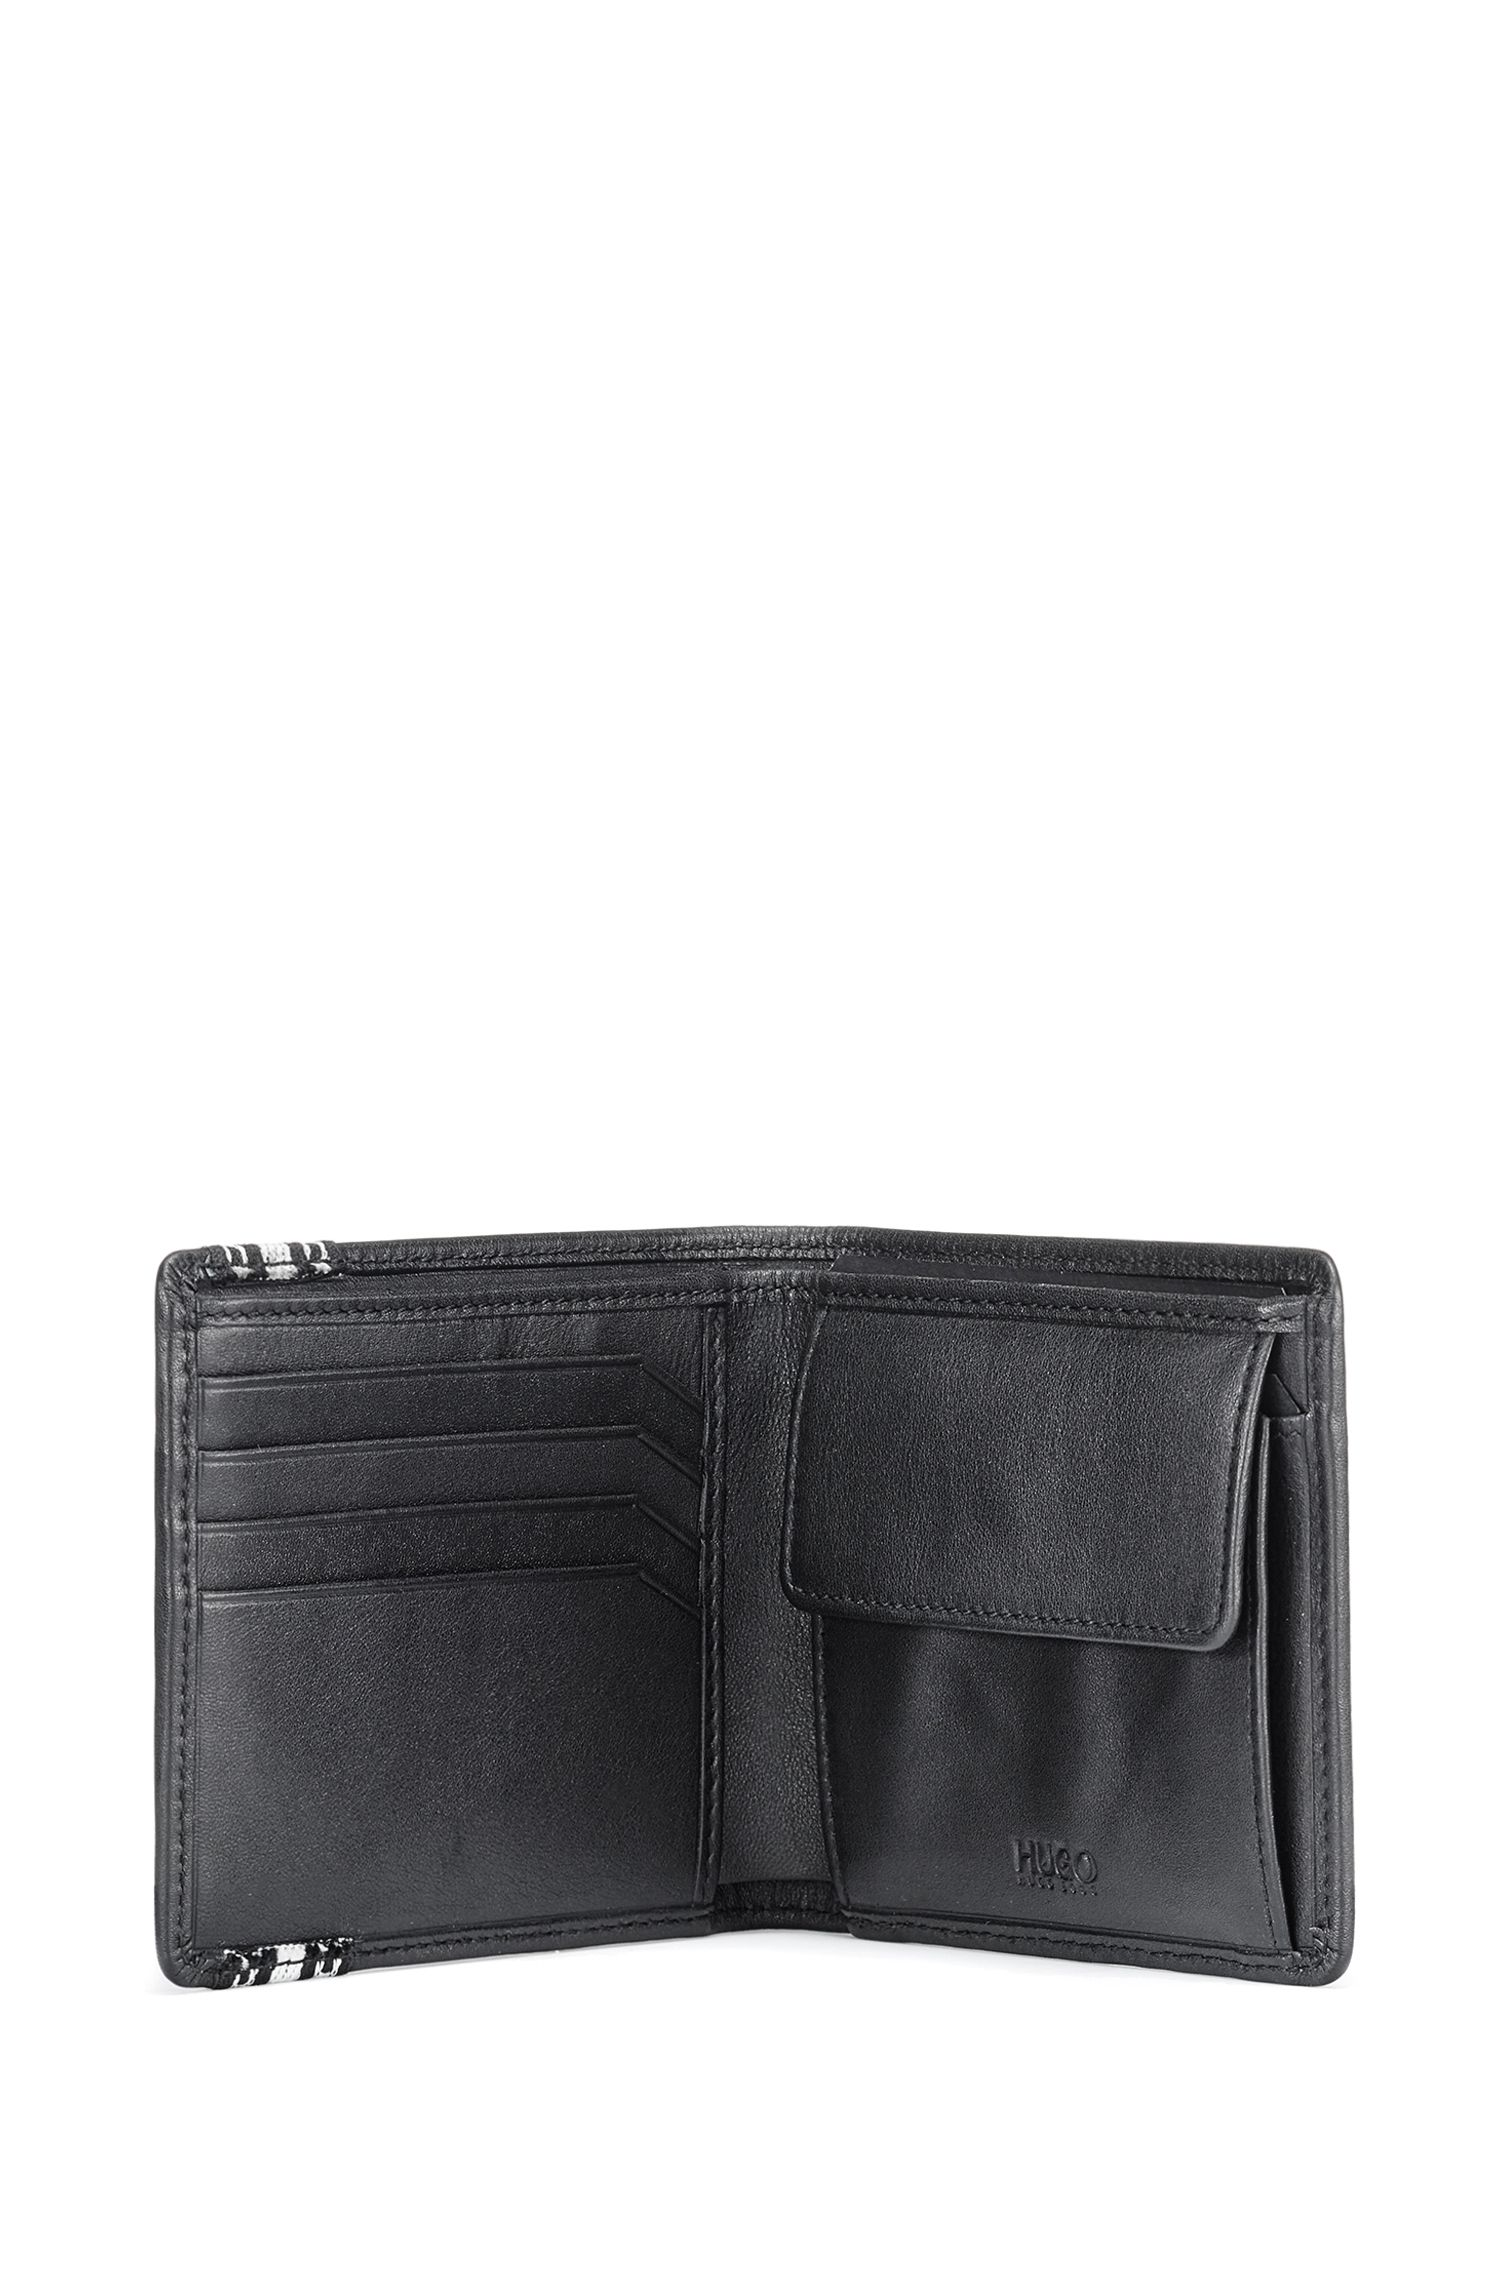 Geschenk-Set mit Geldbörse und Schlüsselanhänger mit Logos, Schwarz